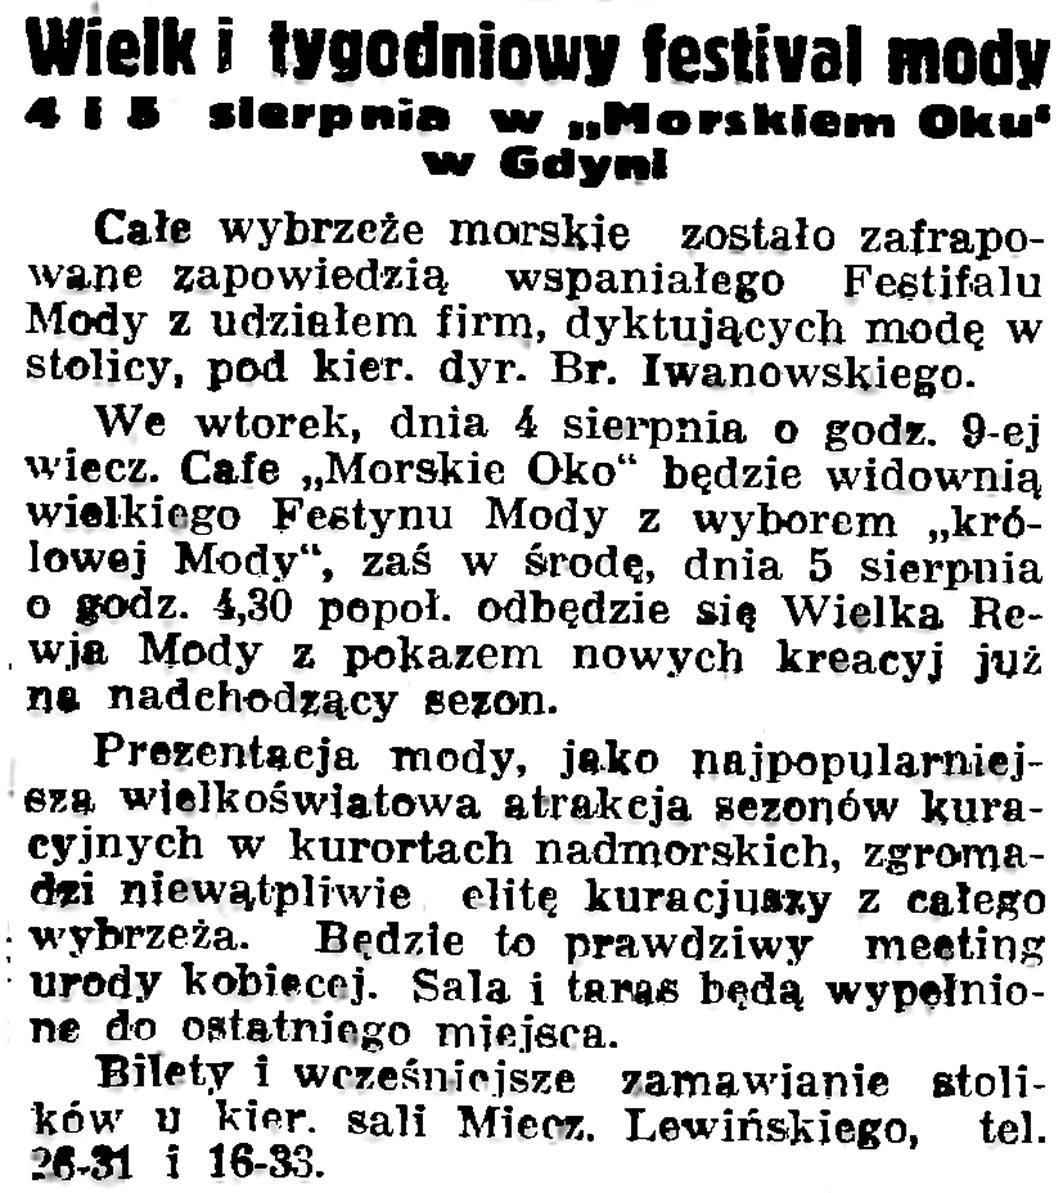 """Wielki tygodniowy festival mody 4 i 5 sierpnia w """"Morskim Oku"""" w Gdyni // Gazeta Gdańska. - 1936, nr 175, s. 5"""